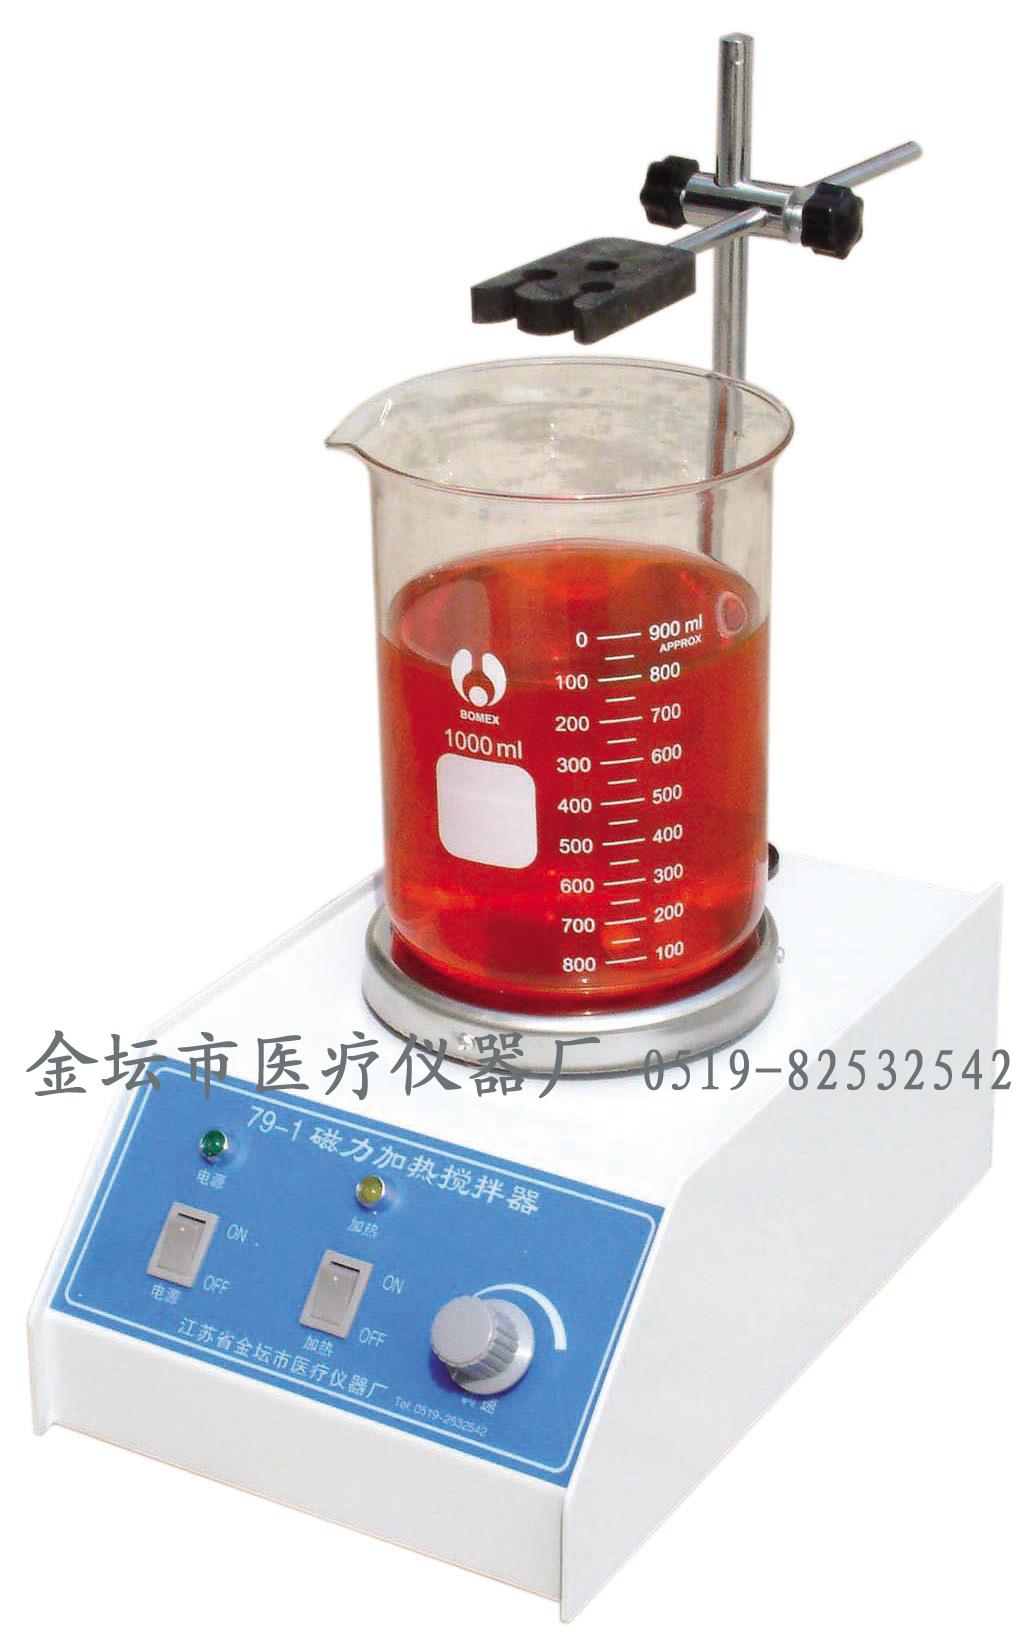 江苏金坛79-2双向磁力加热搅拌器